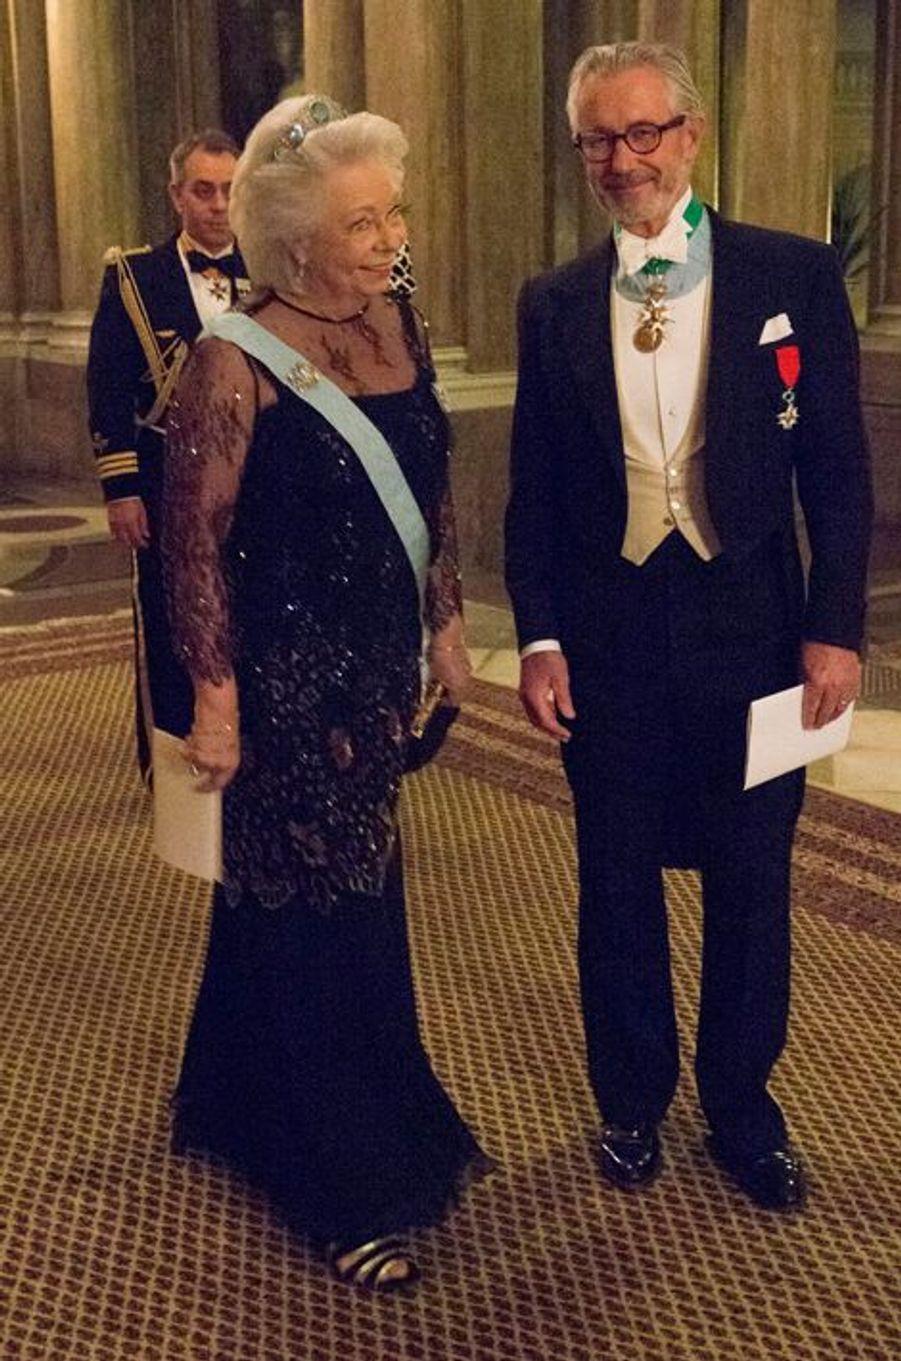 La princesse Christina et Tord Magnuson son mari au premier dîner de l'année au Palais royal à Stockholm, le 11 février 2015